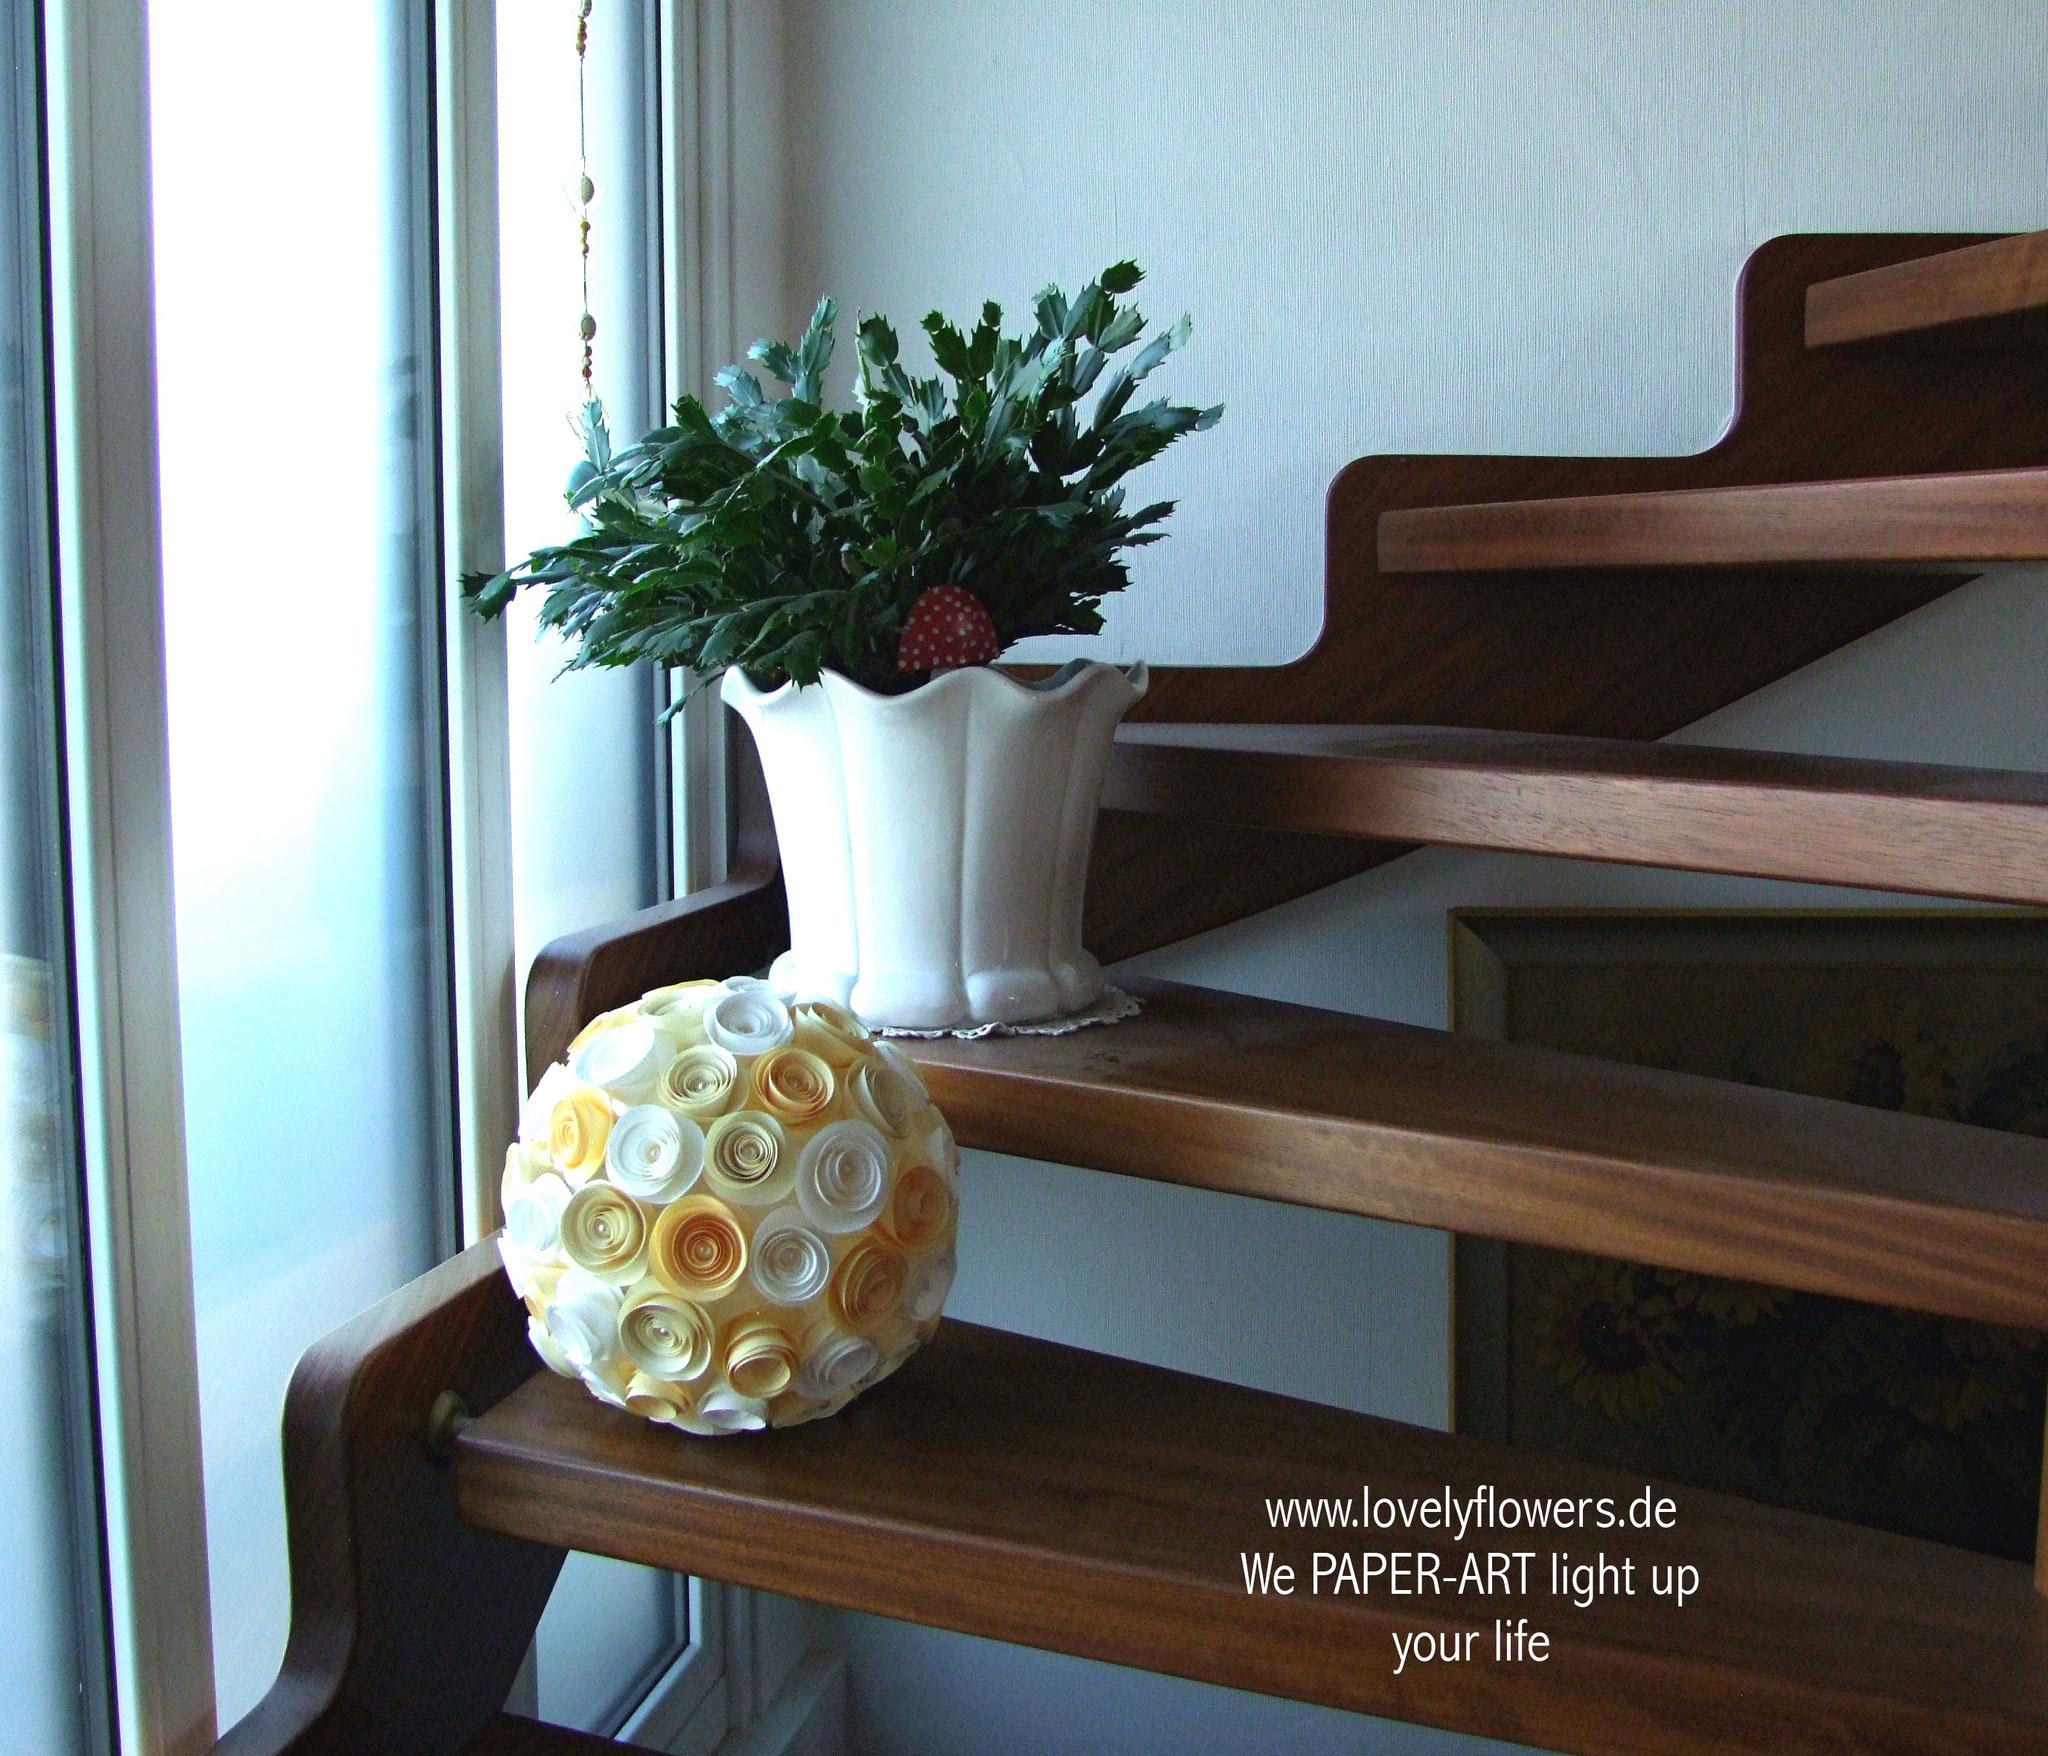 www.lovelyflowers.de - Paper Art Lampen beleuchten Dein Zuhause per Timer automatisch!